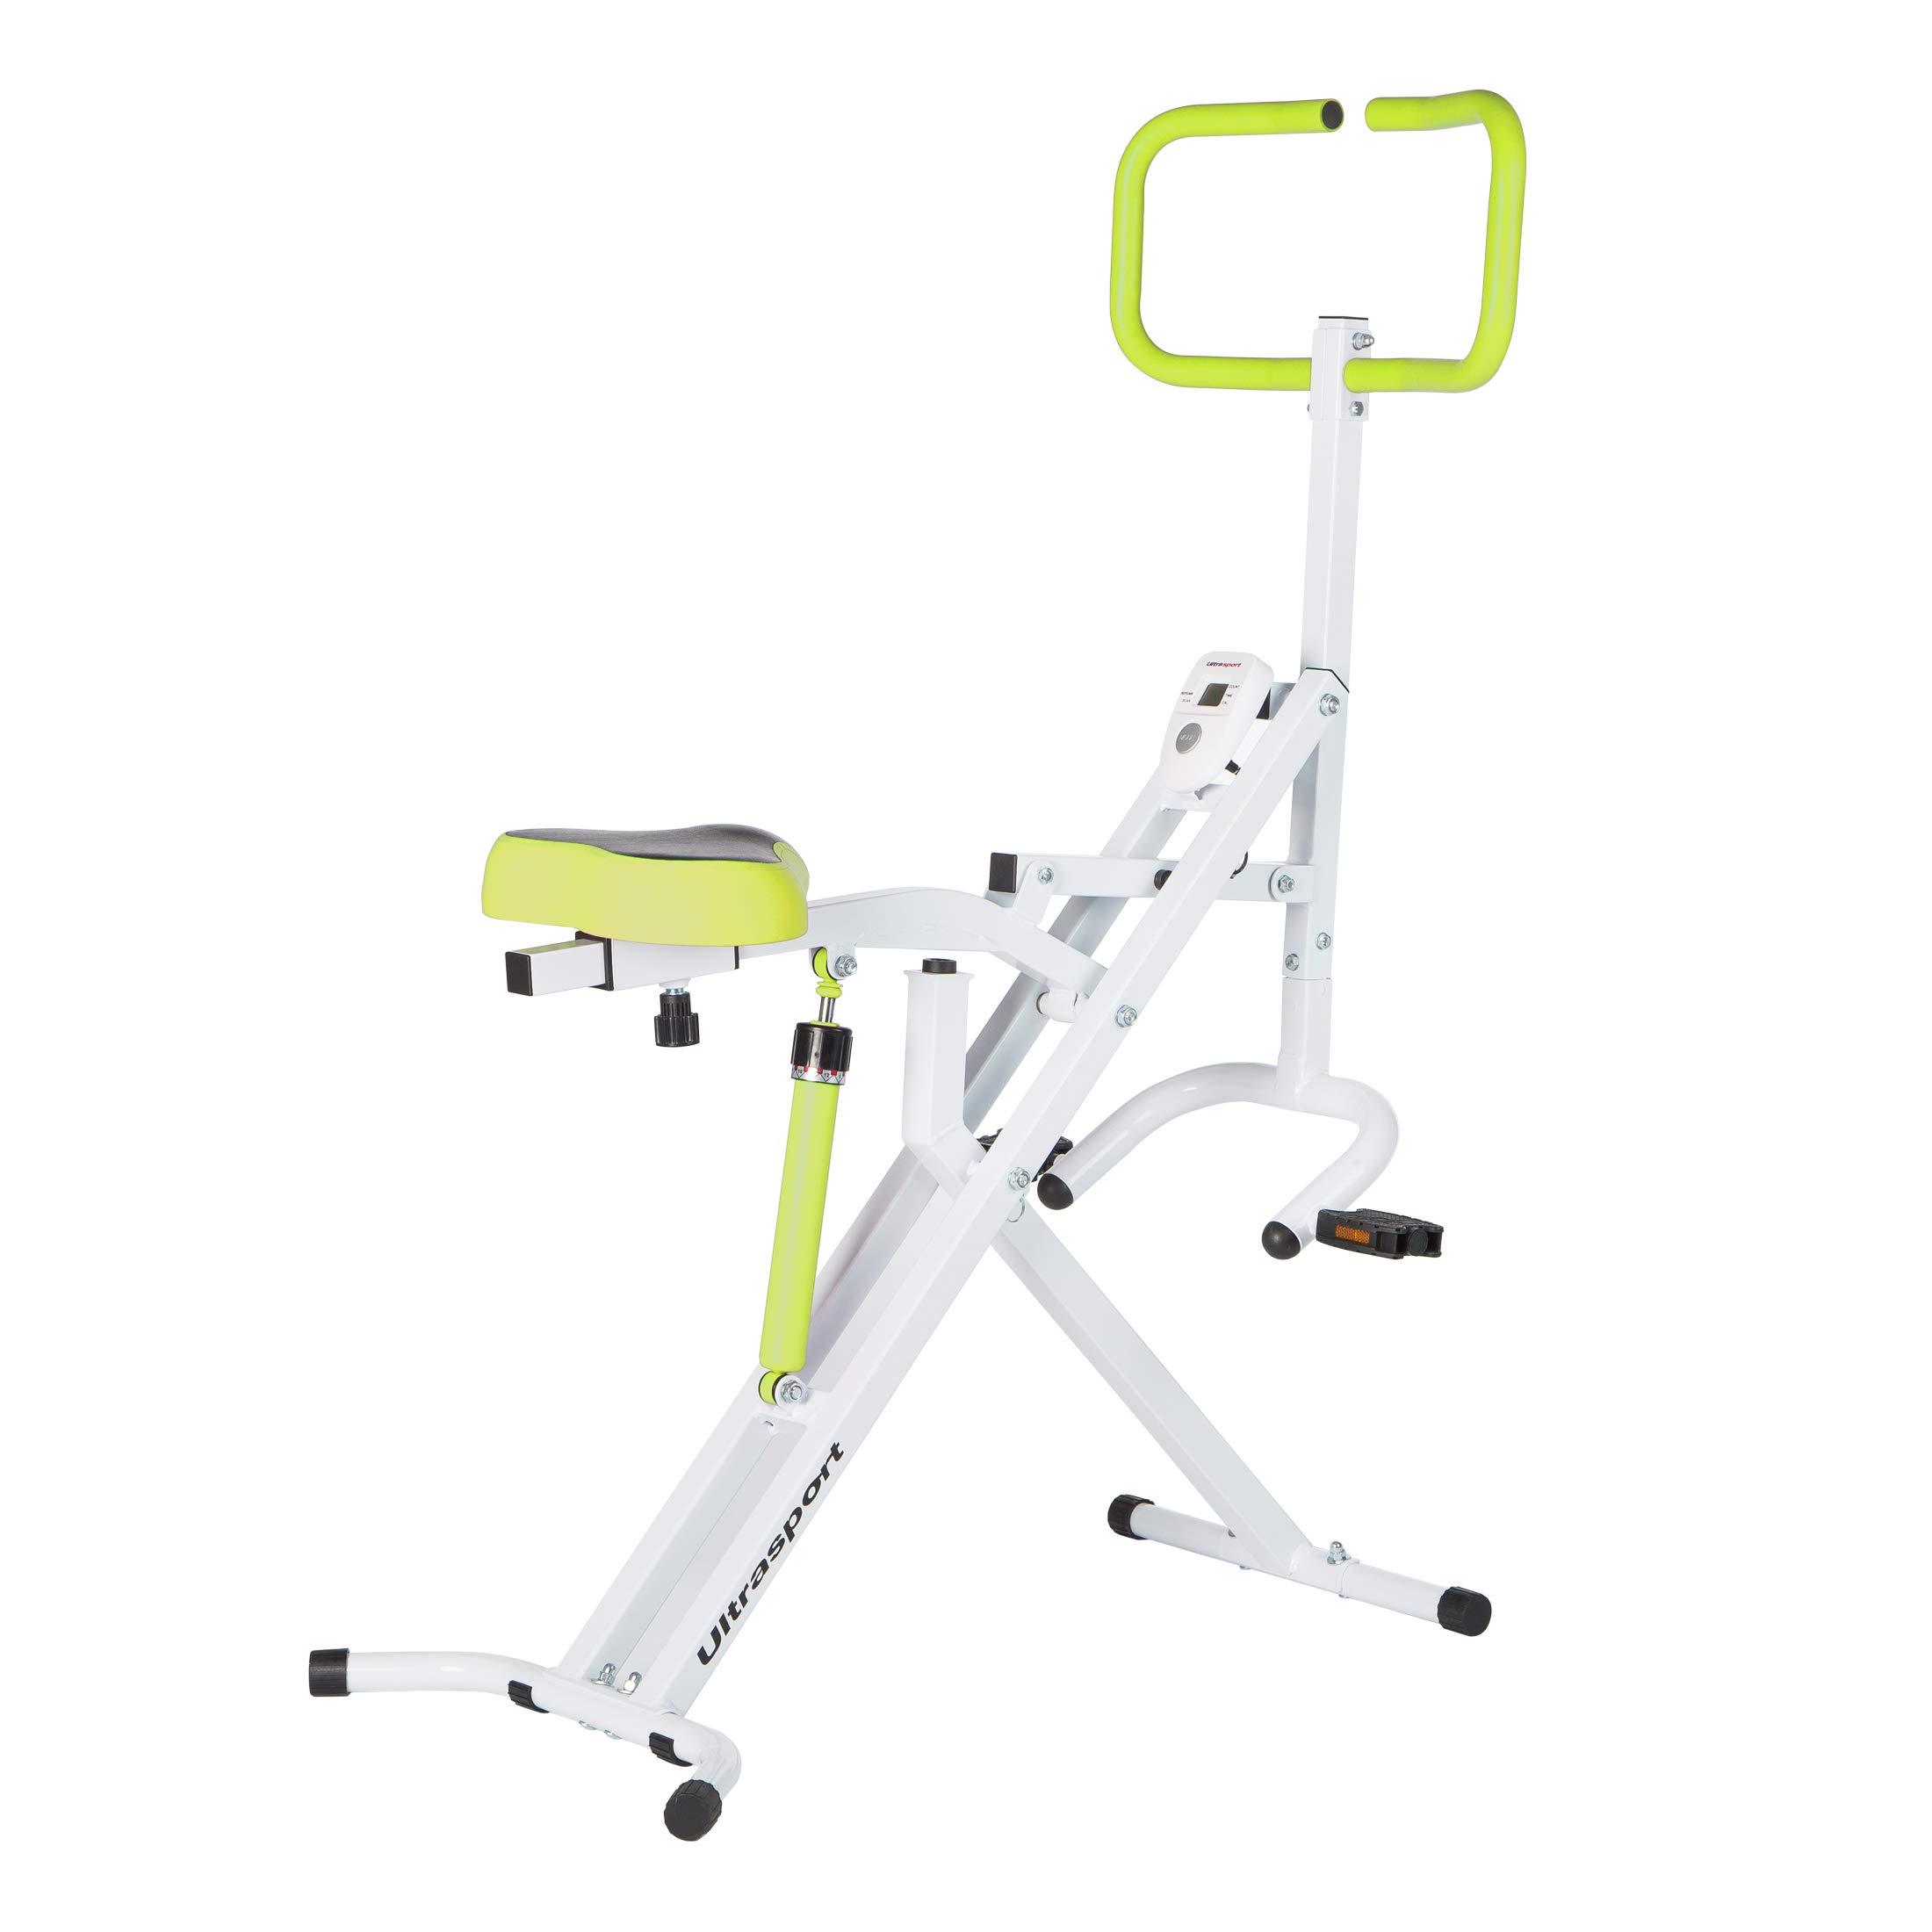 Ultrasport F-Rider Entrenamiento fitness, abdominales, tonificación abdomen, piernas y glúteos. Musculación y cardio, Verde product image